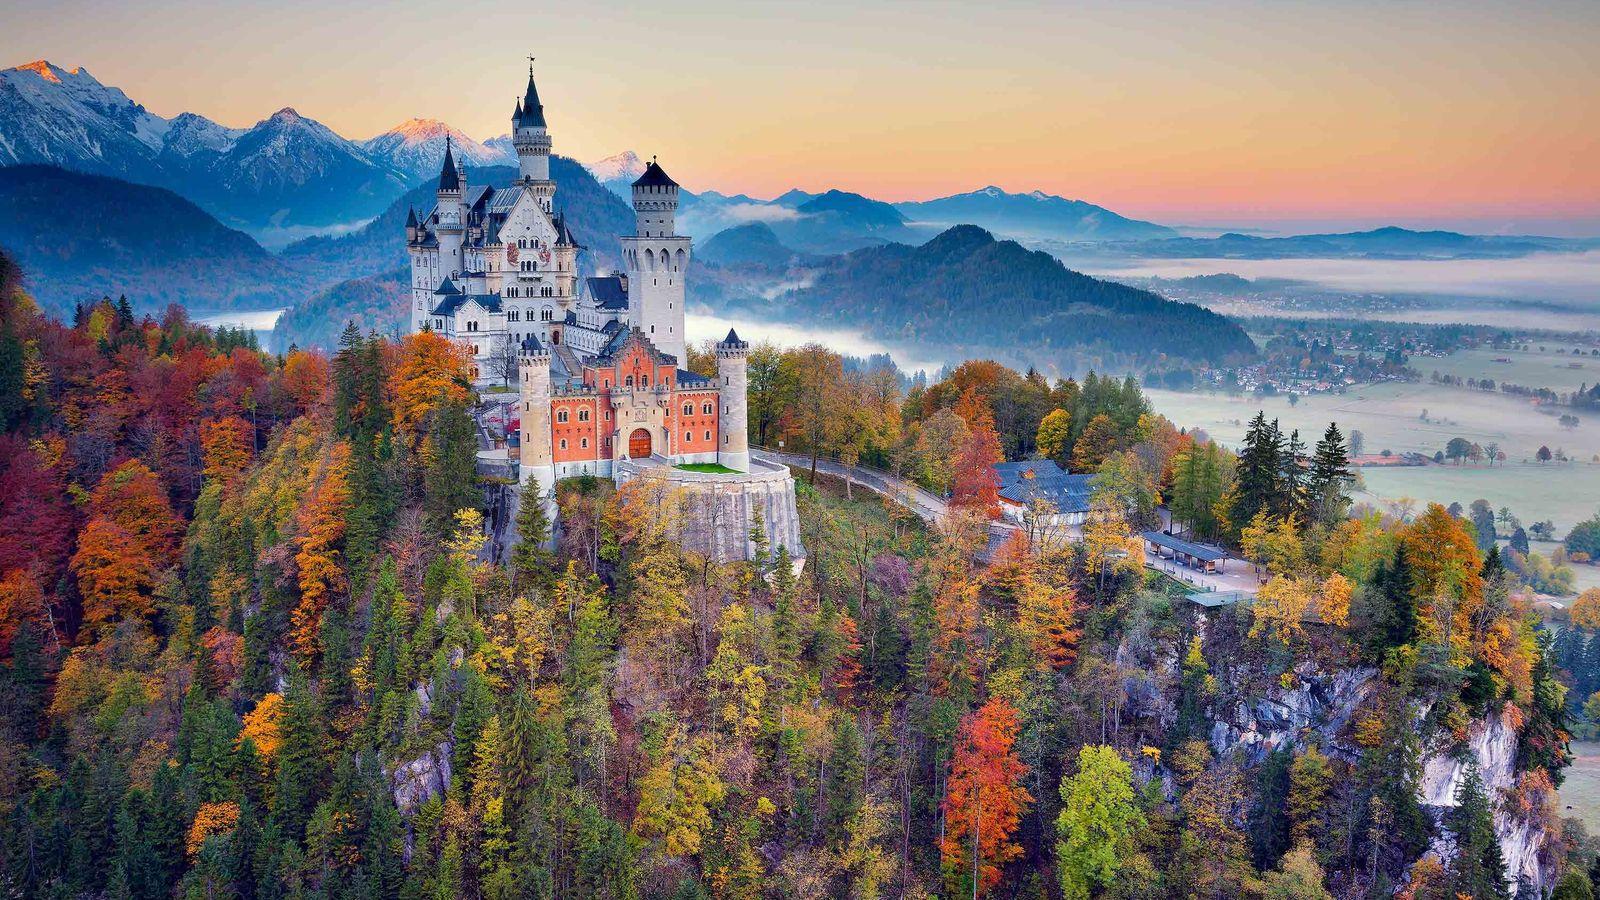 Castelo de Neuschwanstein, Baviera, Alemanha